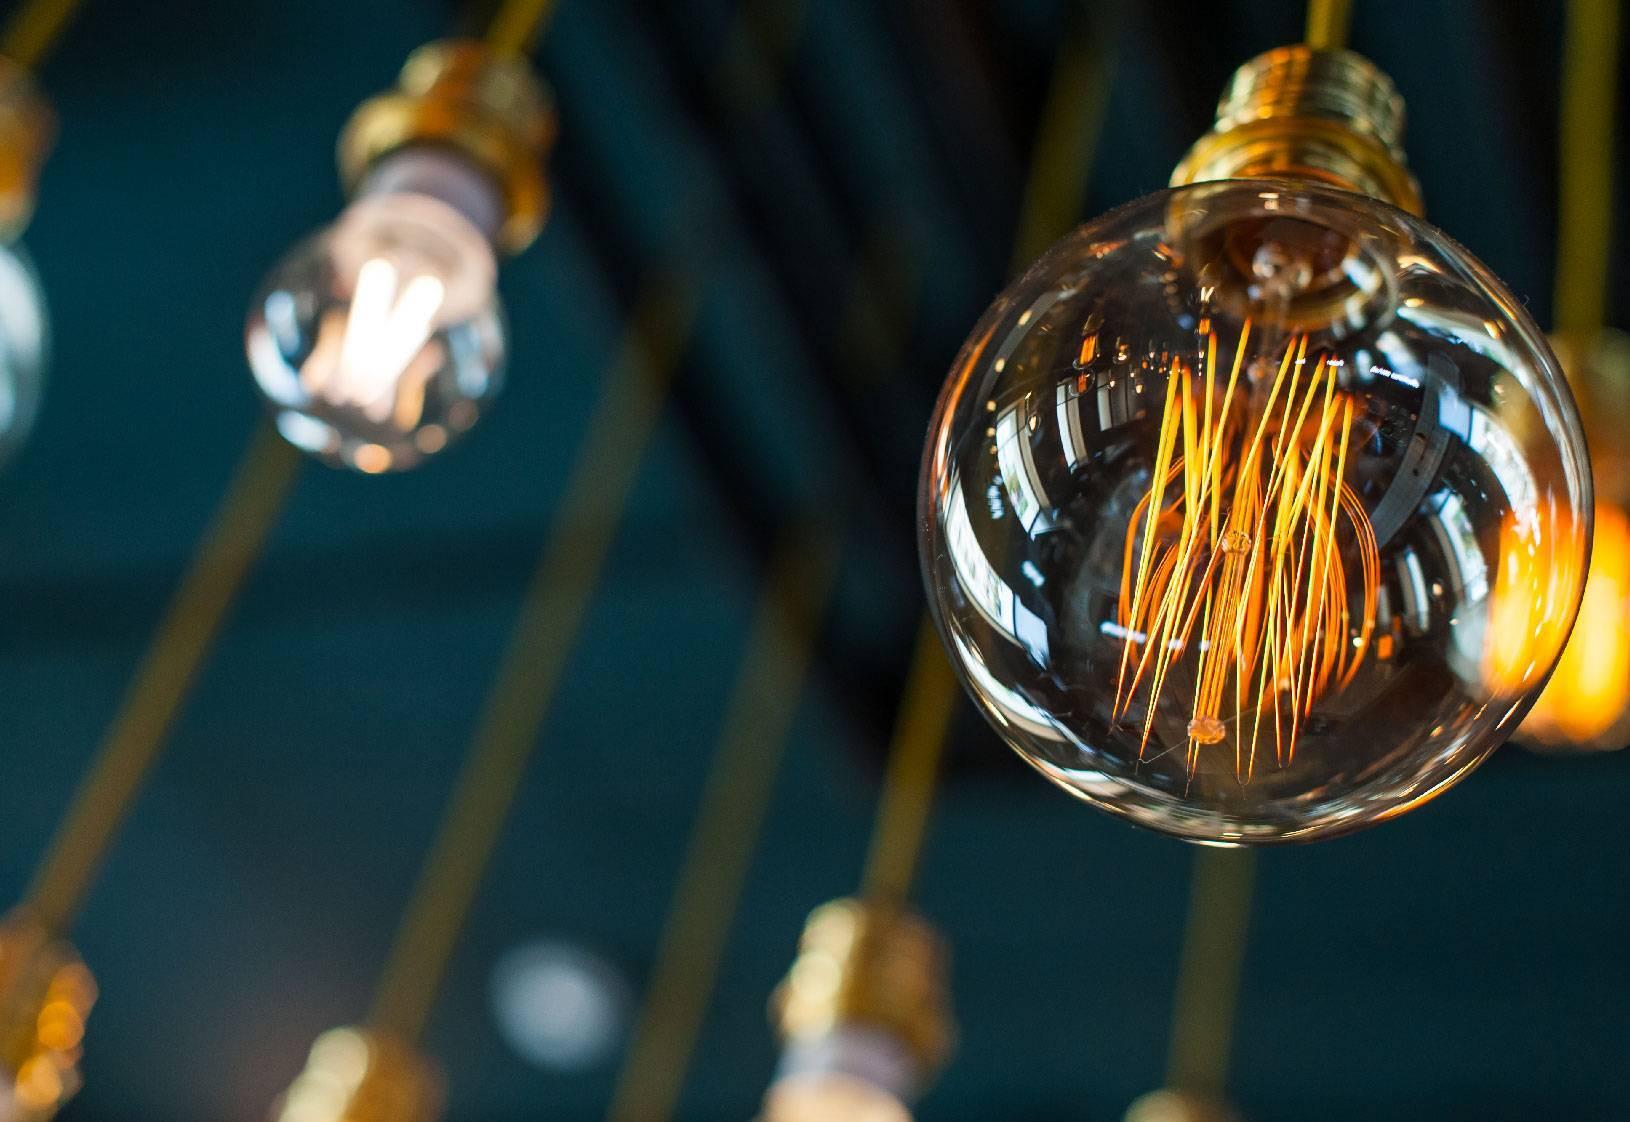 Prachtige LED<br>lichtbronnen voor elk armatuur!